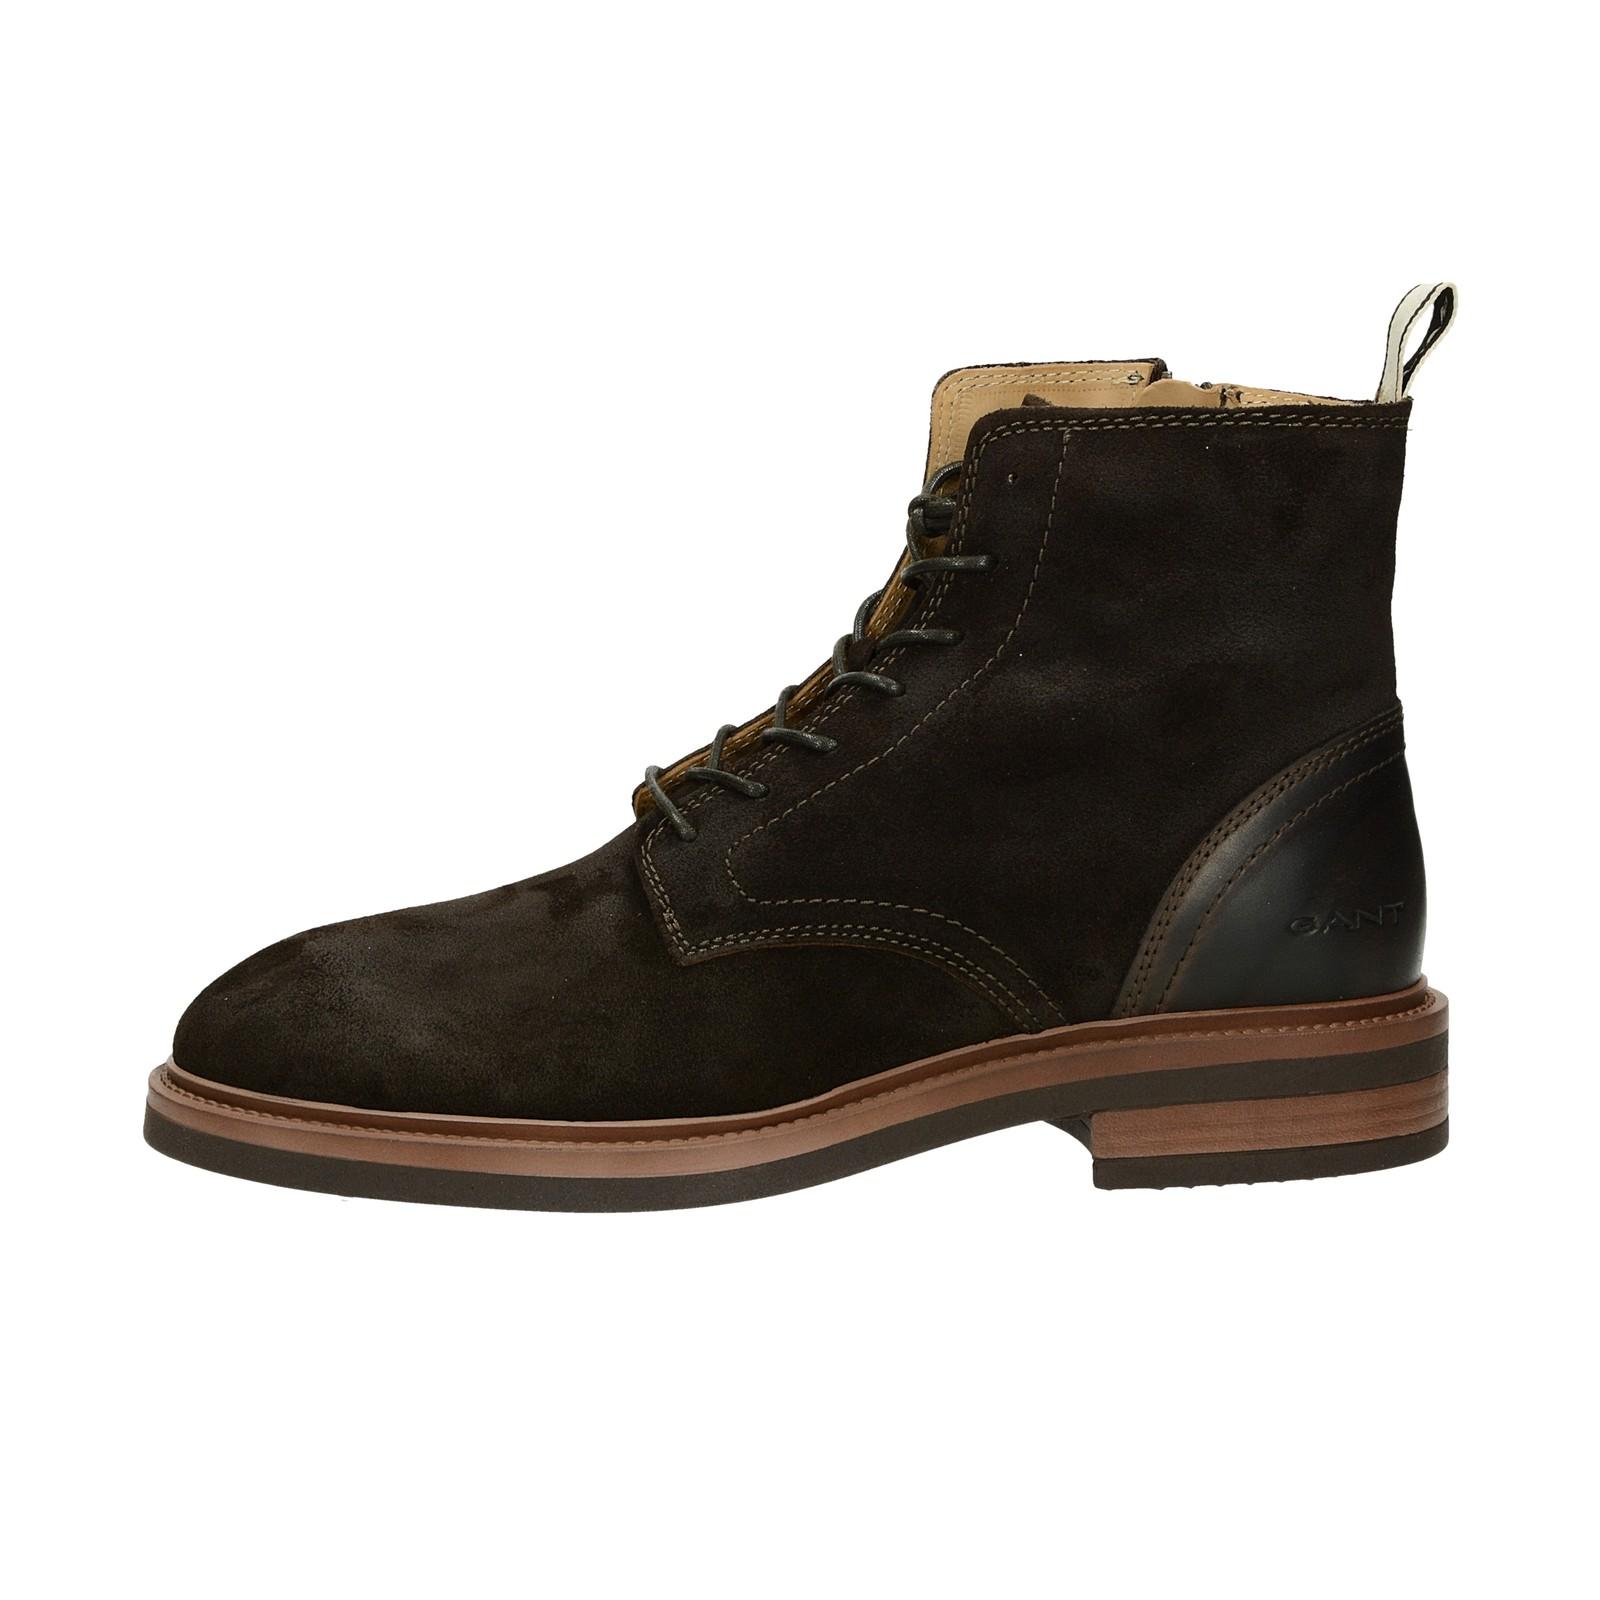 ... Gant pánska semišová členková obuv - tmavohnedá ... 7cef81fdd33